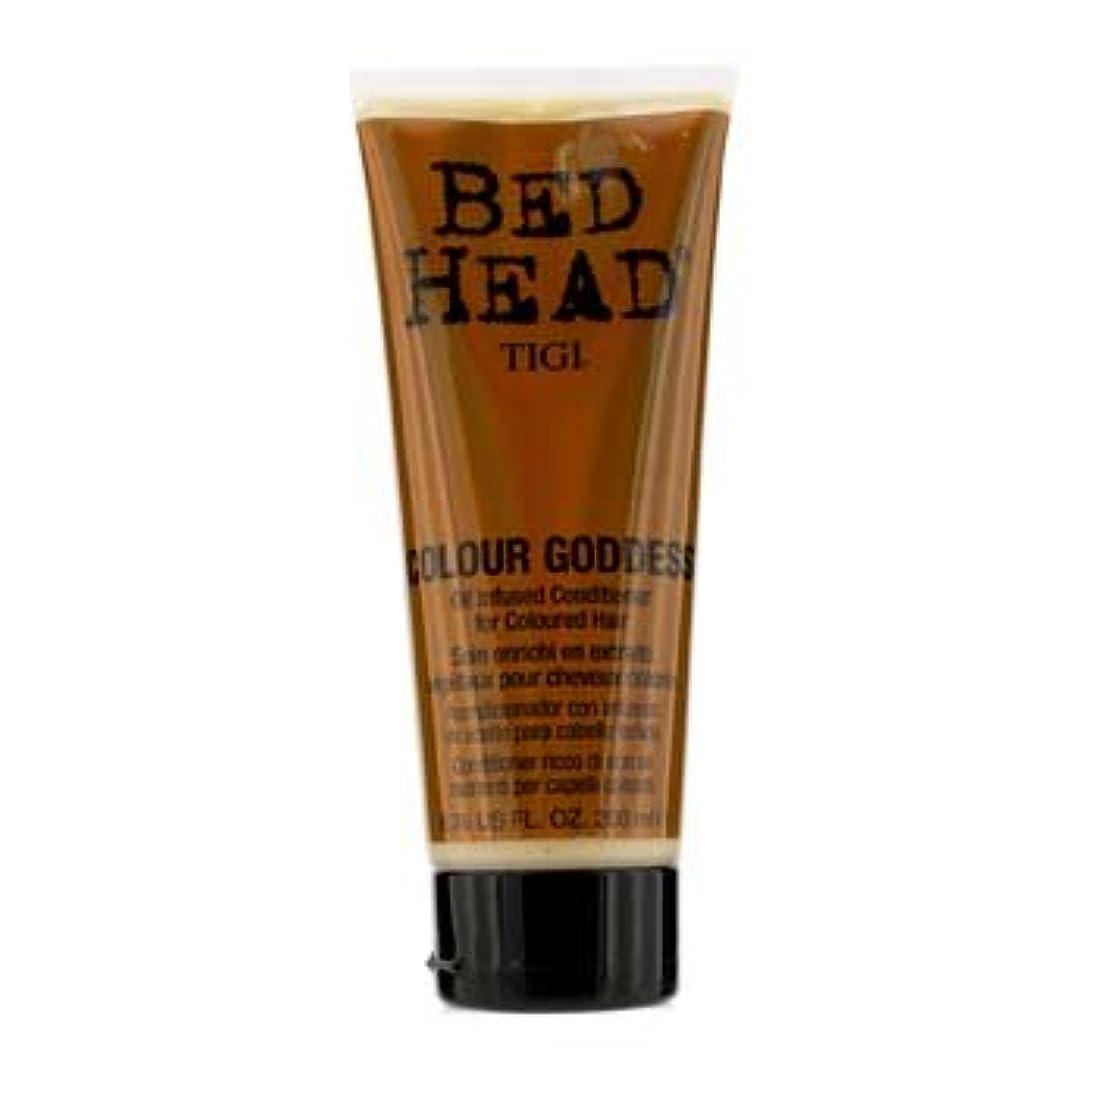 クスクス終了しました事前に[Tigi] Bed Head Colour Goddess Oil Infused Conditioner (For Coloured Hair) 200ml/6.76oz